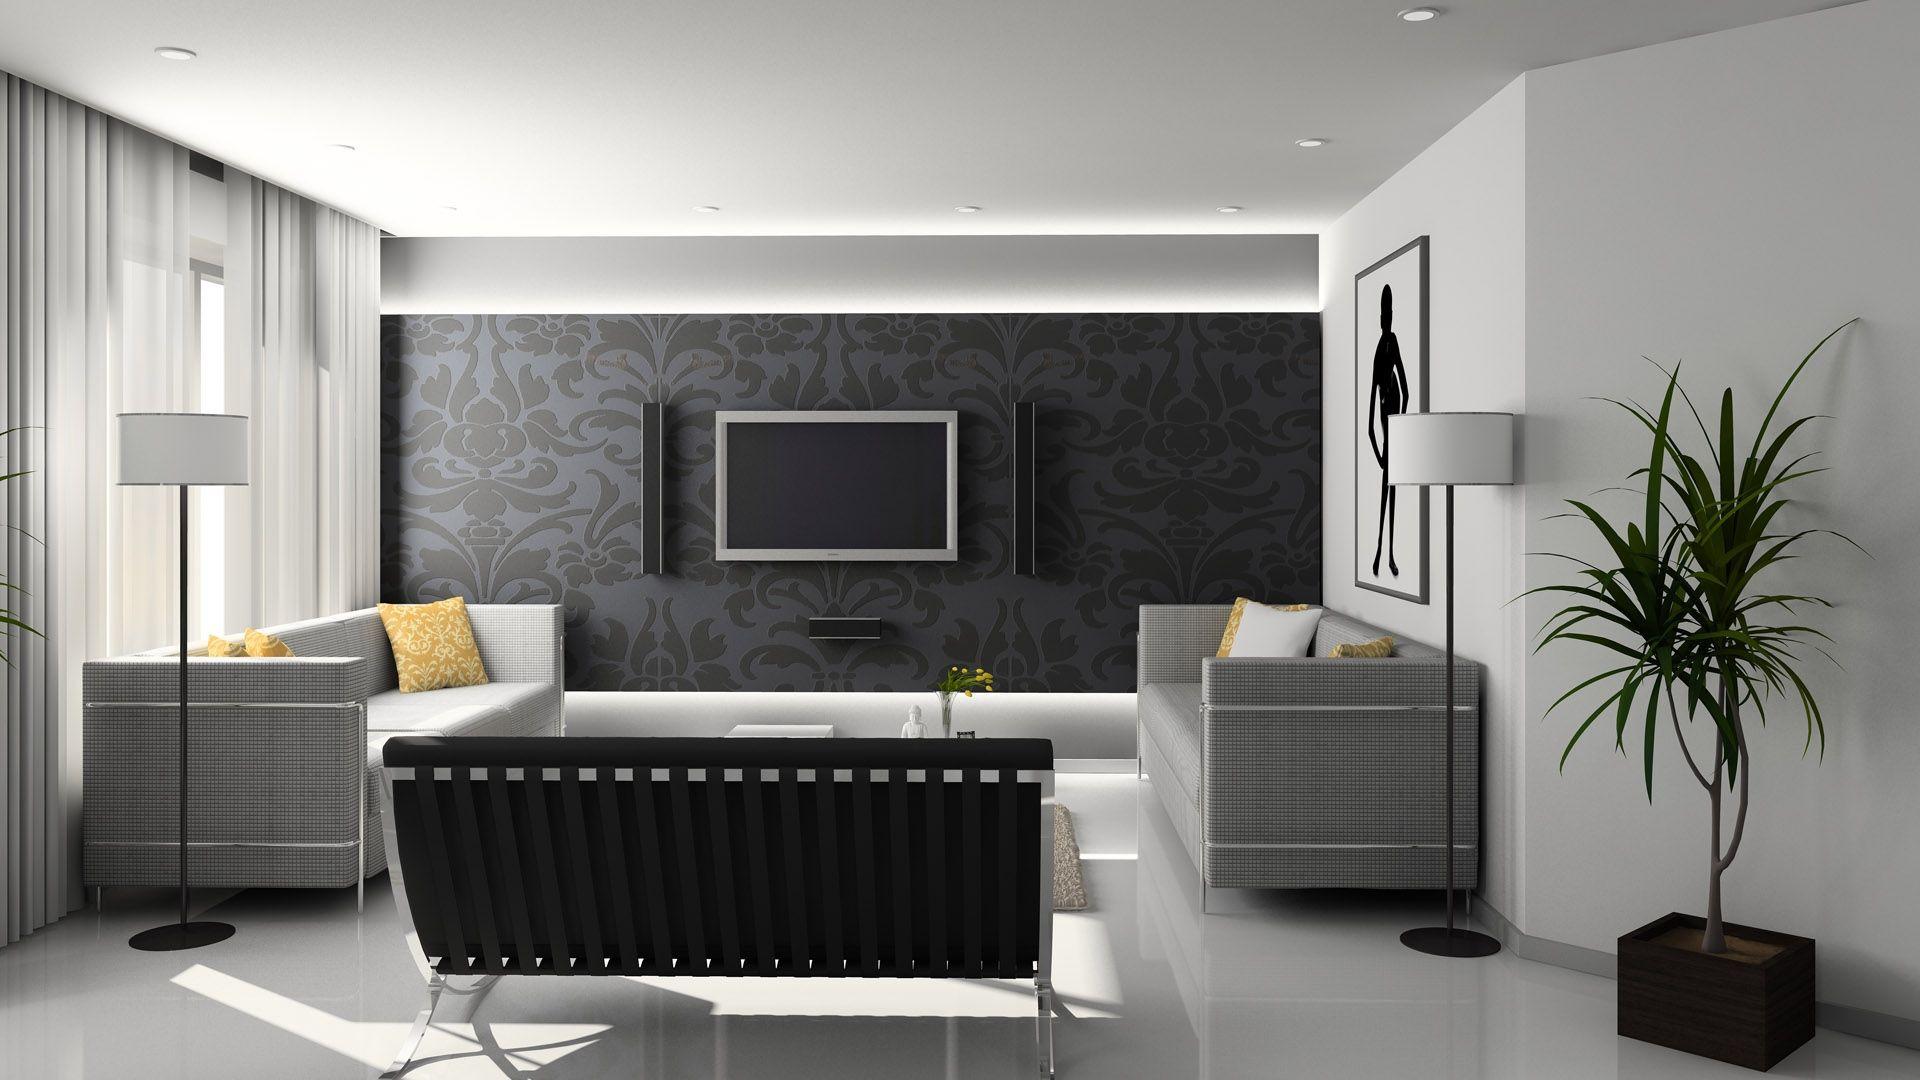 Salon Backdrop desktop wallpaper download